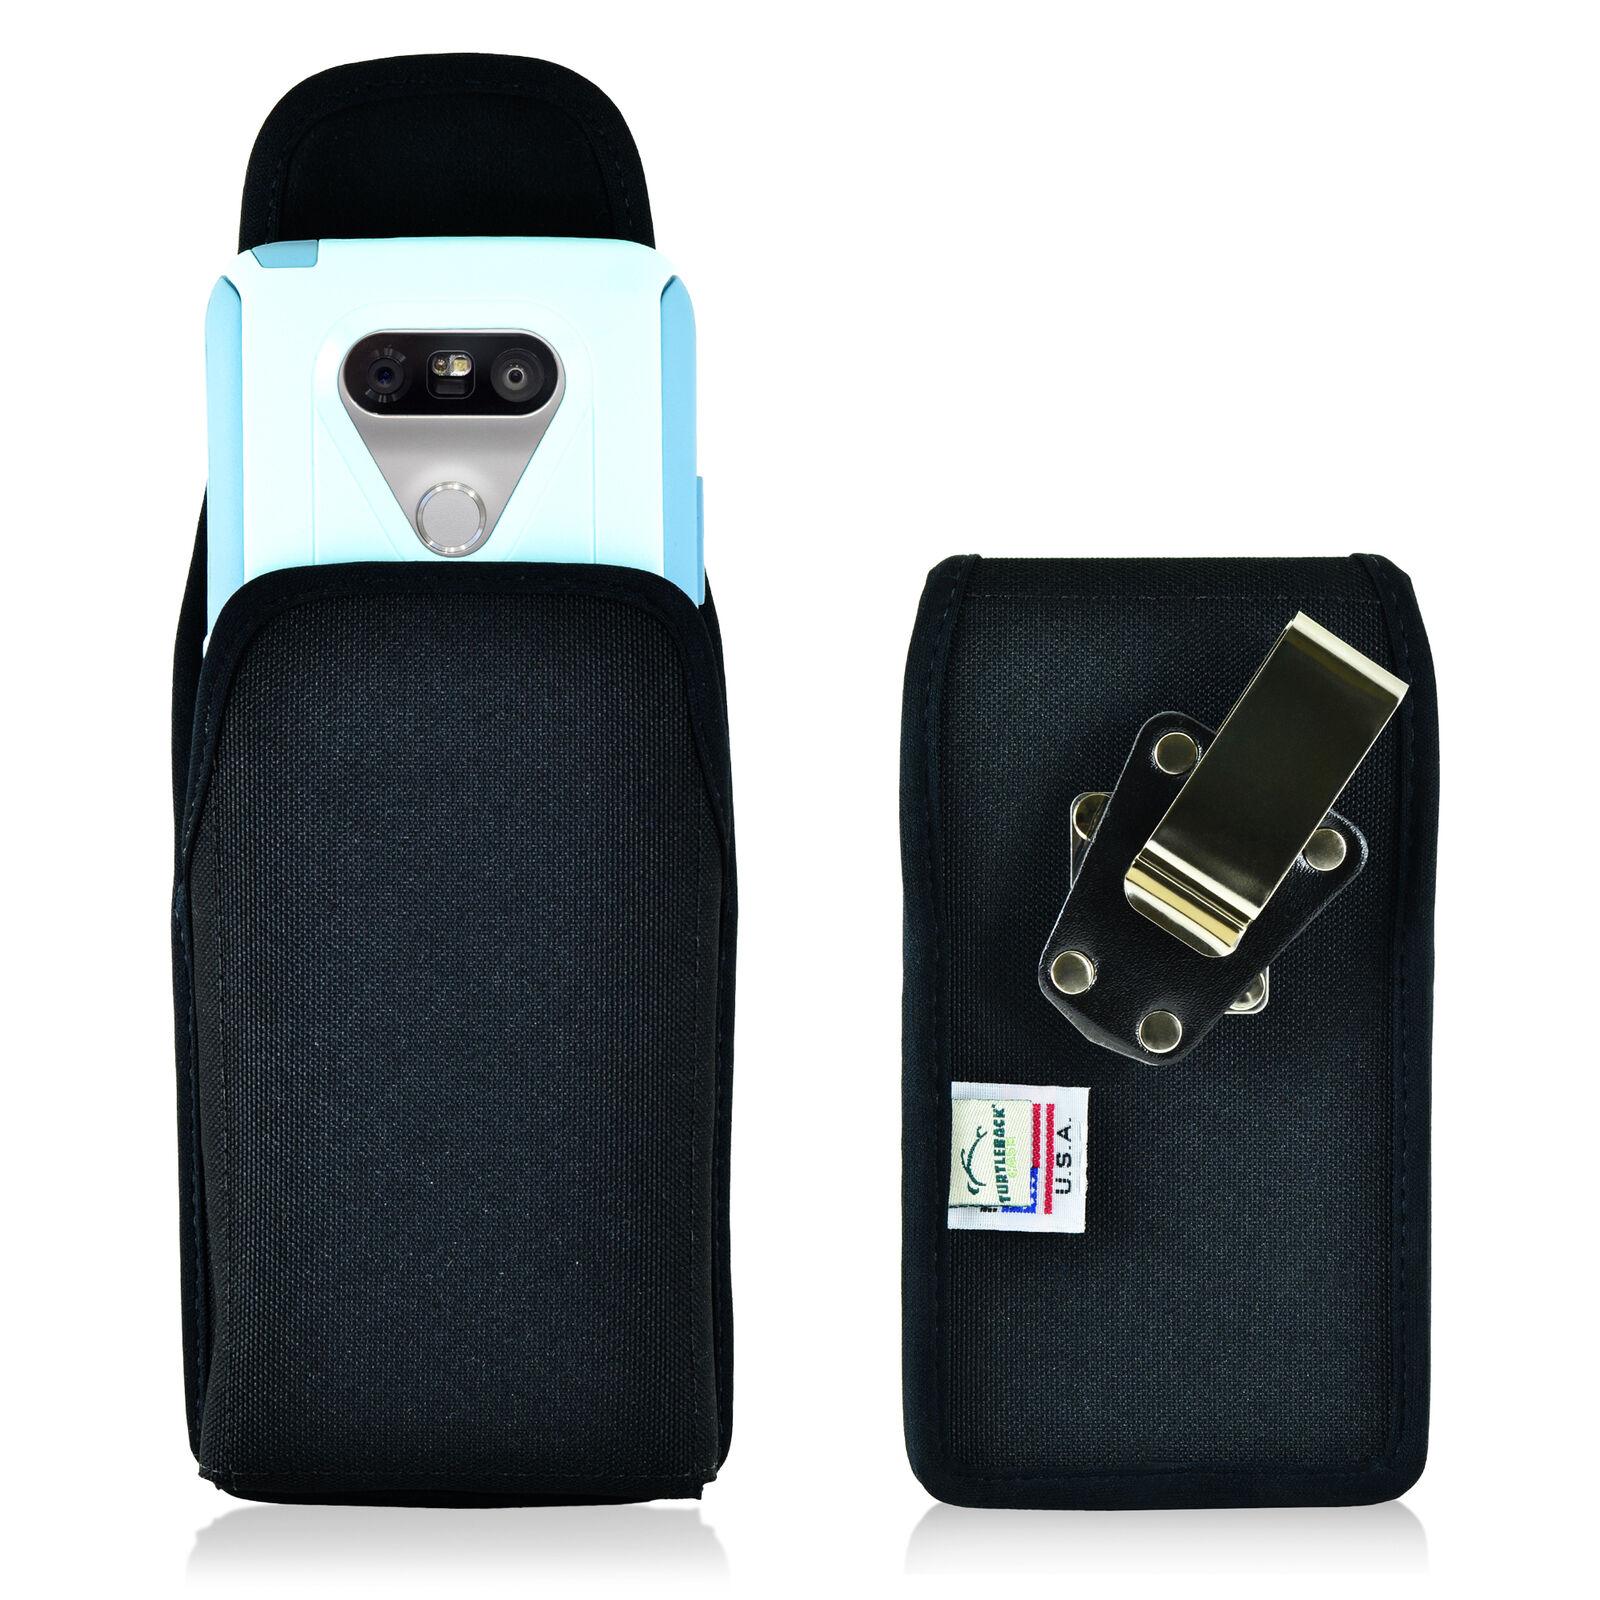 turtleback-lg-g5-vertical-nylon-holster-case-metal-clip-for-otterbox-commuter